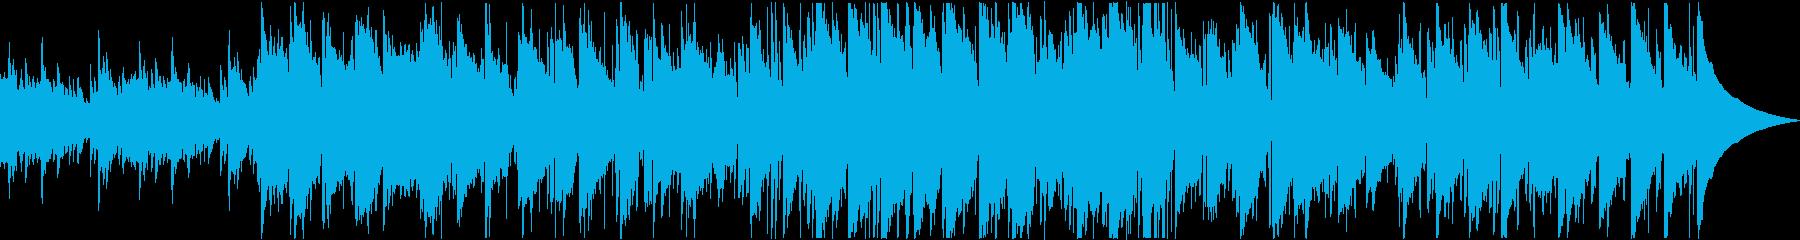 滑らかで心地よいアコースティックBGMの再生済みの波形